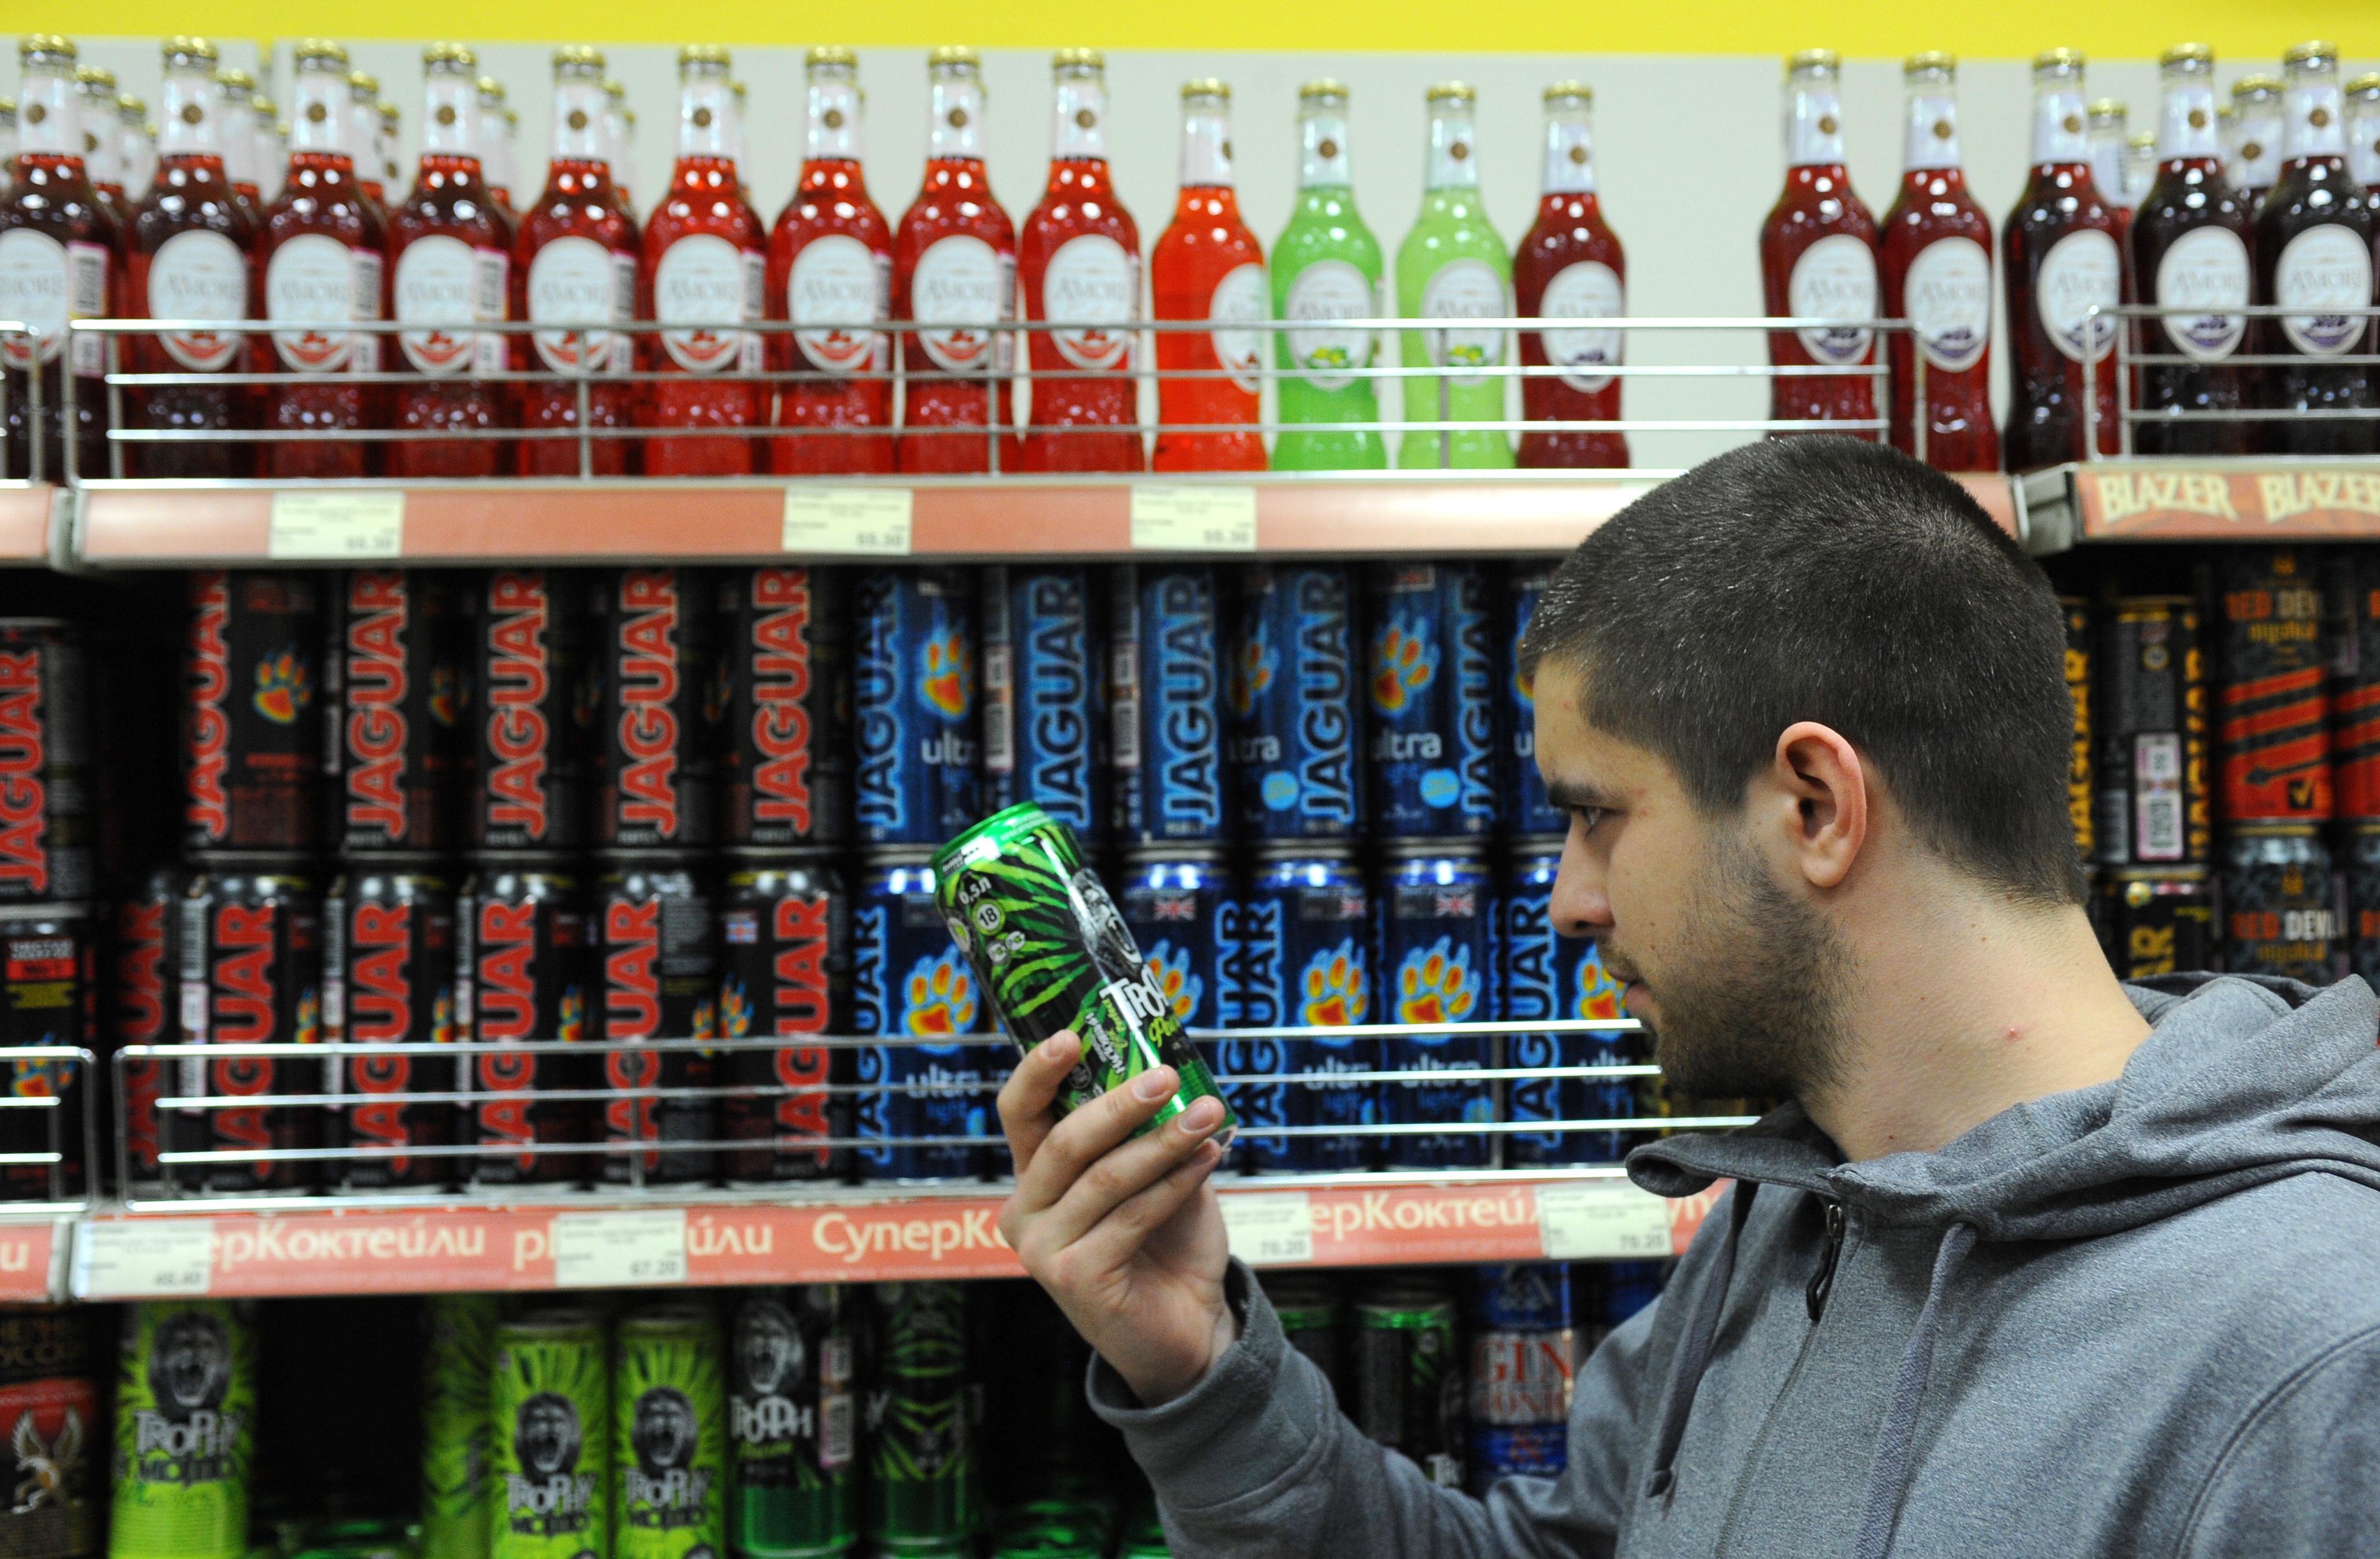 Энергетические напитки алкоголизма кодирование алкоголизма цены мытищи